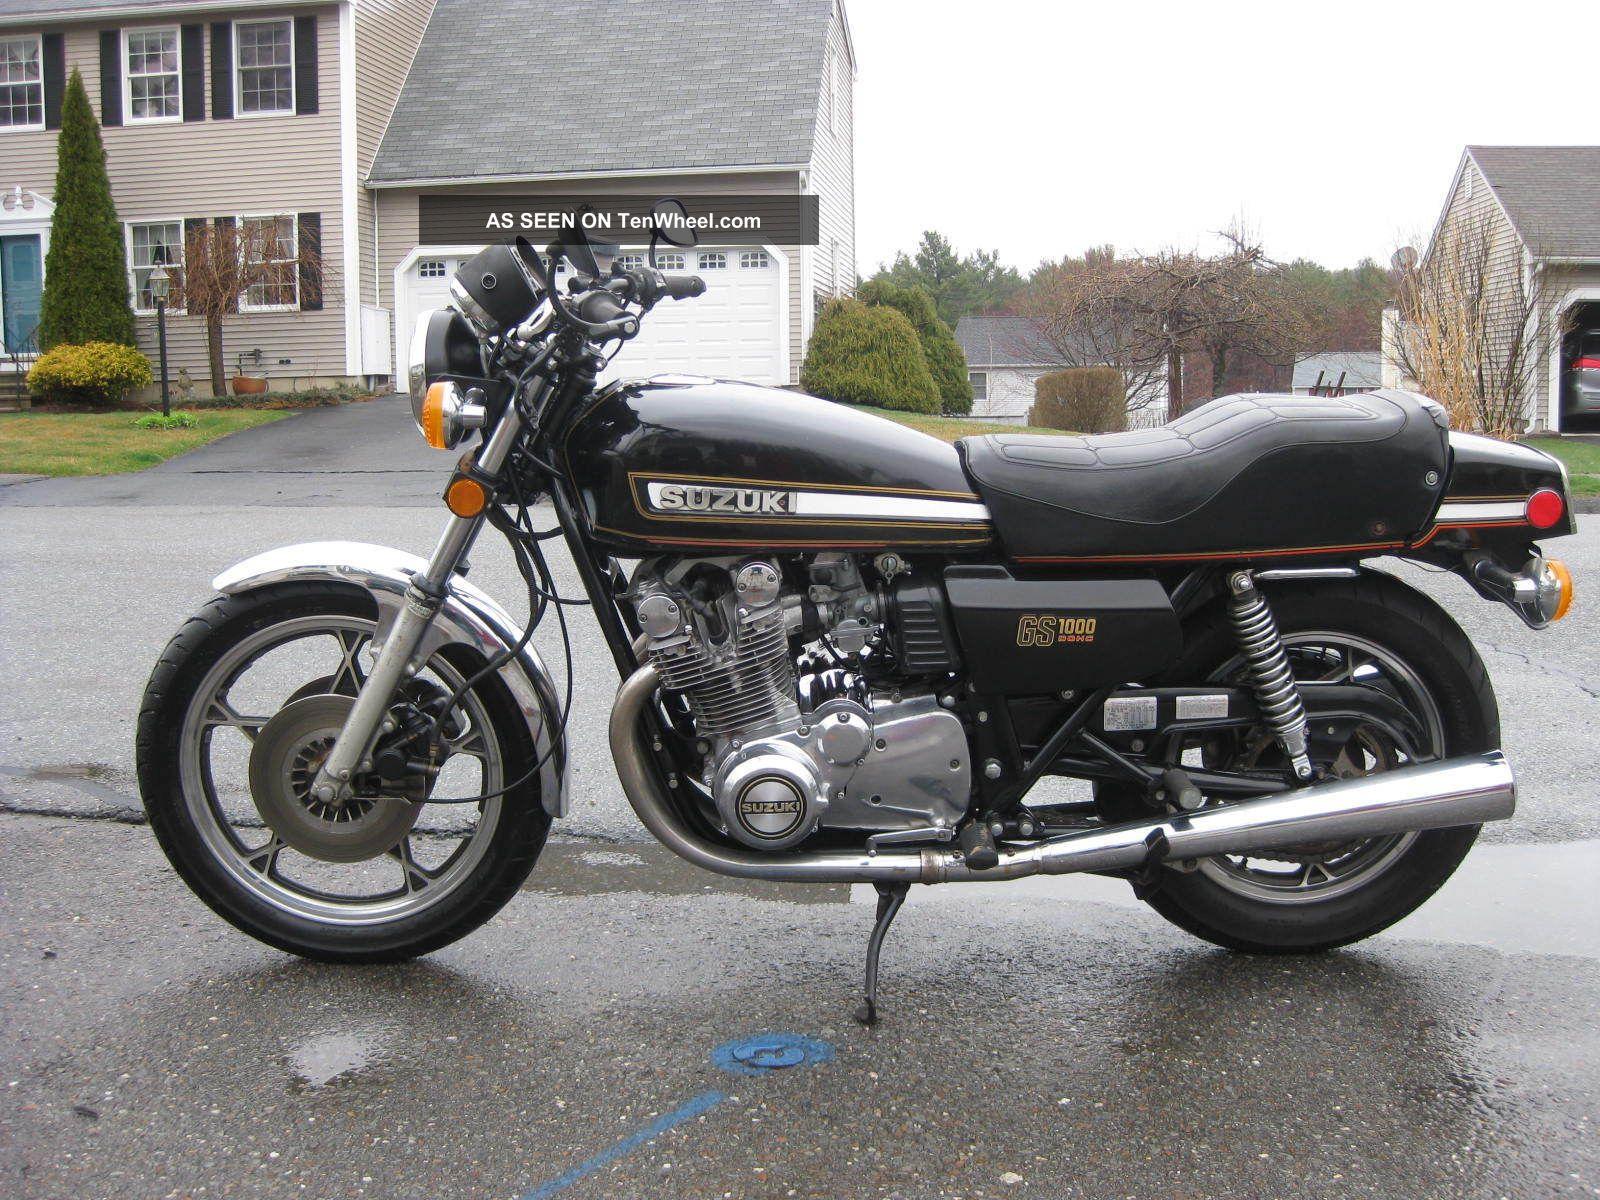 1978 Suzuki Gs1000 Gs 1000 Gs1000e Es Kz Kz1000 Drag Superbike 1977 GS photo